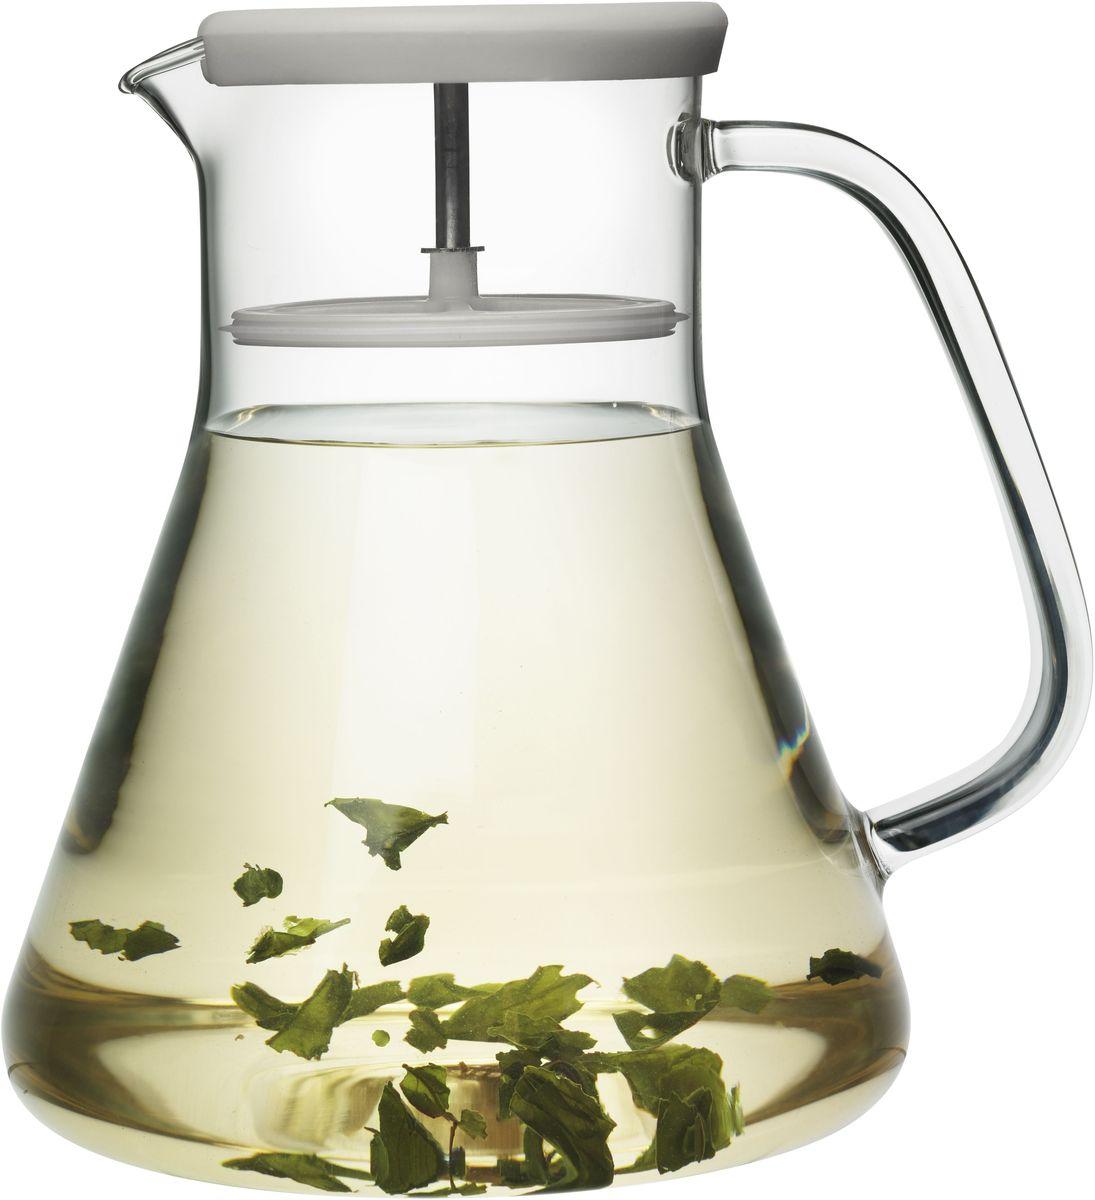 Чайник заварочный QDO Dancing Leaf, цвет: зеленыйVT-1520(SR)Универсальный стеклянный кувшин с встроенным фильтром. Идеален для подачи холодных лимонадов, ягодных морсов, чая и других подобных напитков. Благодаря фильтру кусочки льда, фруктов, ягод, мяты и чайных листьев не попадут в чашку. Кроме того, кувшин изготовлен из термоустойчивого боросиликатного стекла, что позволяет заваривать чай прямо внутри него. Просто поместите в кувшин нужное количество чая, залейте горячей водой и дайте настояться. Фильтр соединен с силиконовой крышкой и легко вынимается при необходимости. Объем кувшина - 1,2 л. Можно мыть в посудомоечной машине.